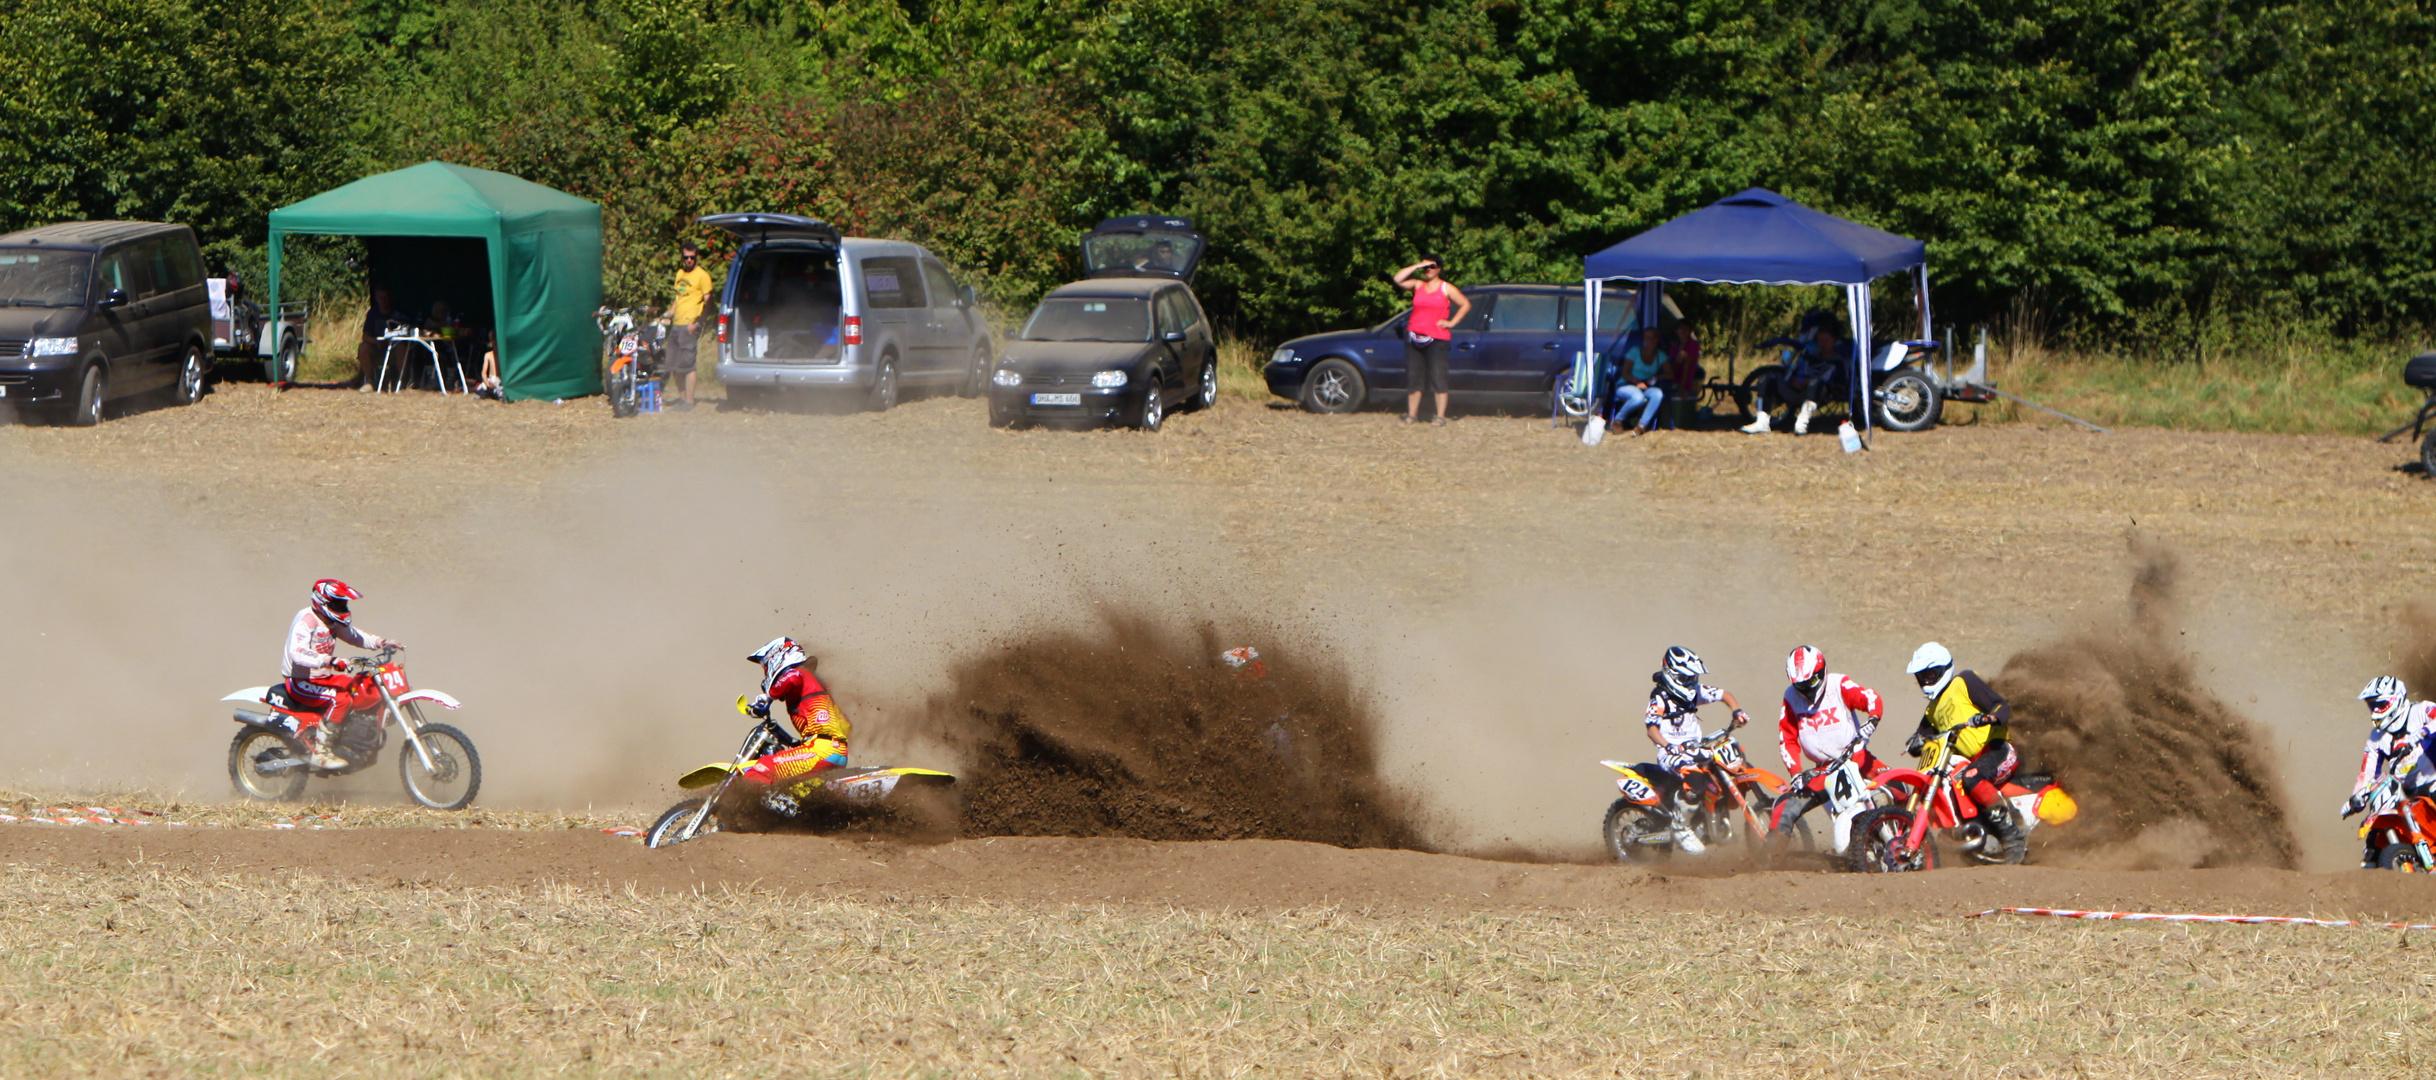 MotoCross-Rennen